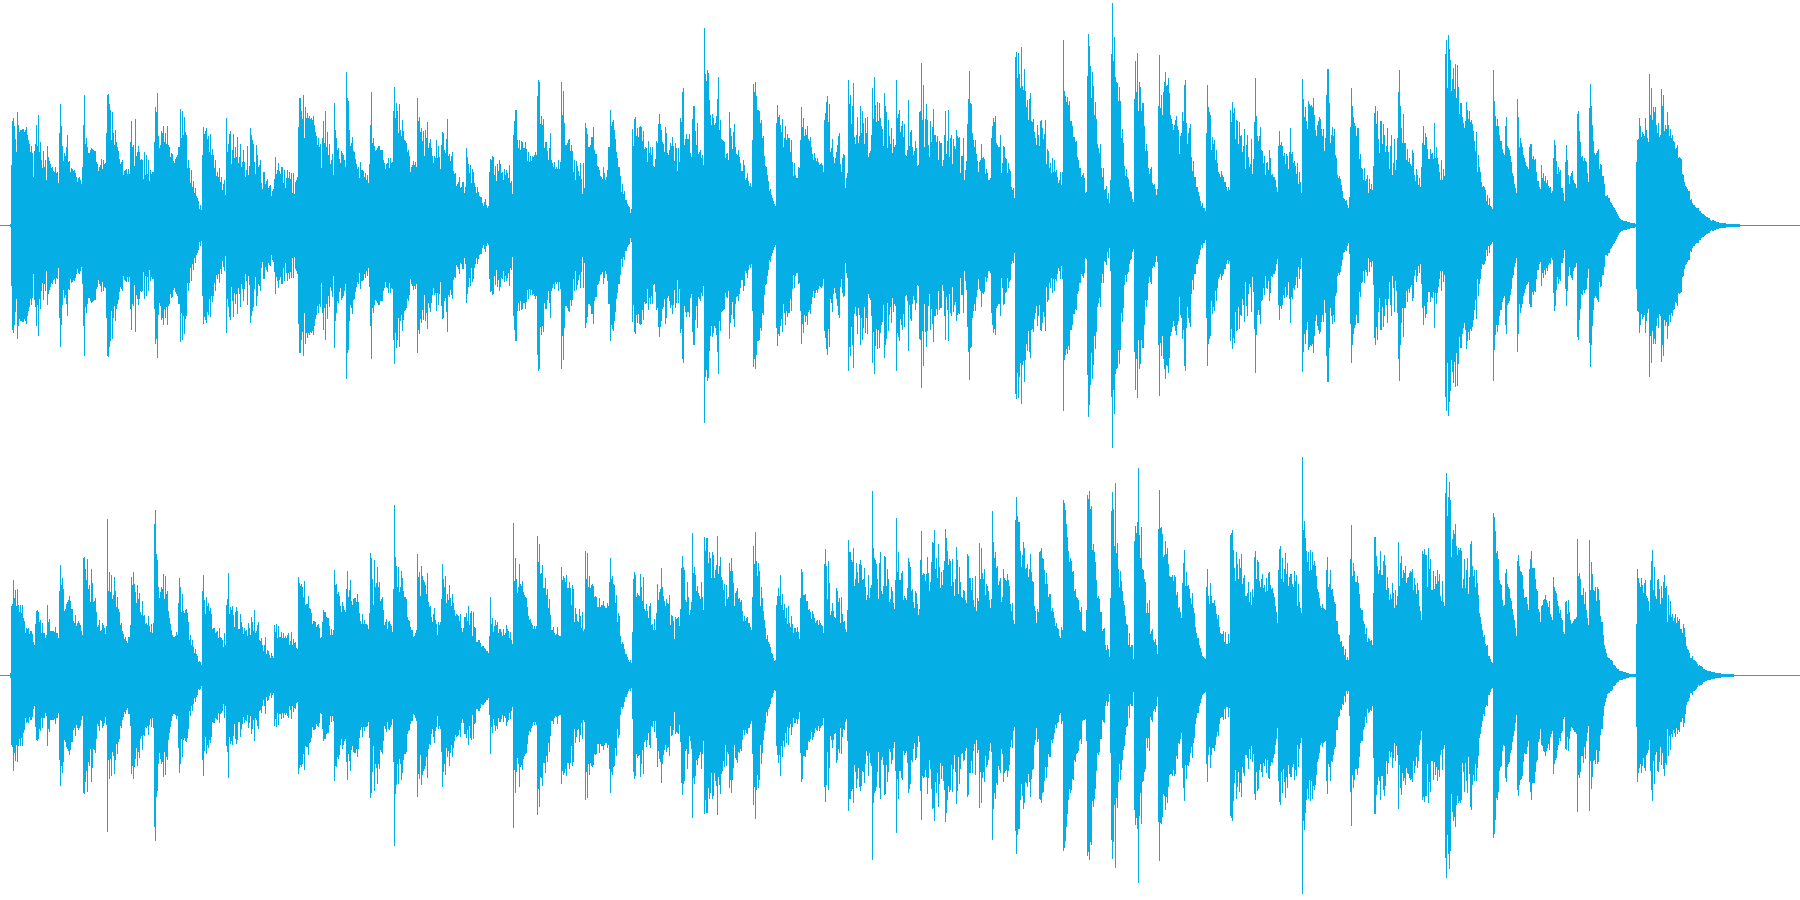 楽しい冬を描いたワルツ調のピアノジングルの再生済みの波形